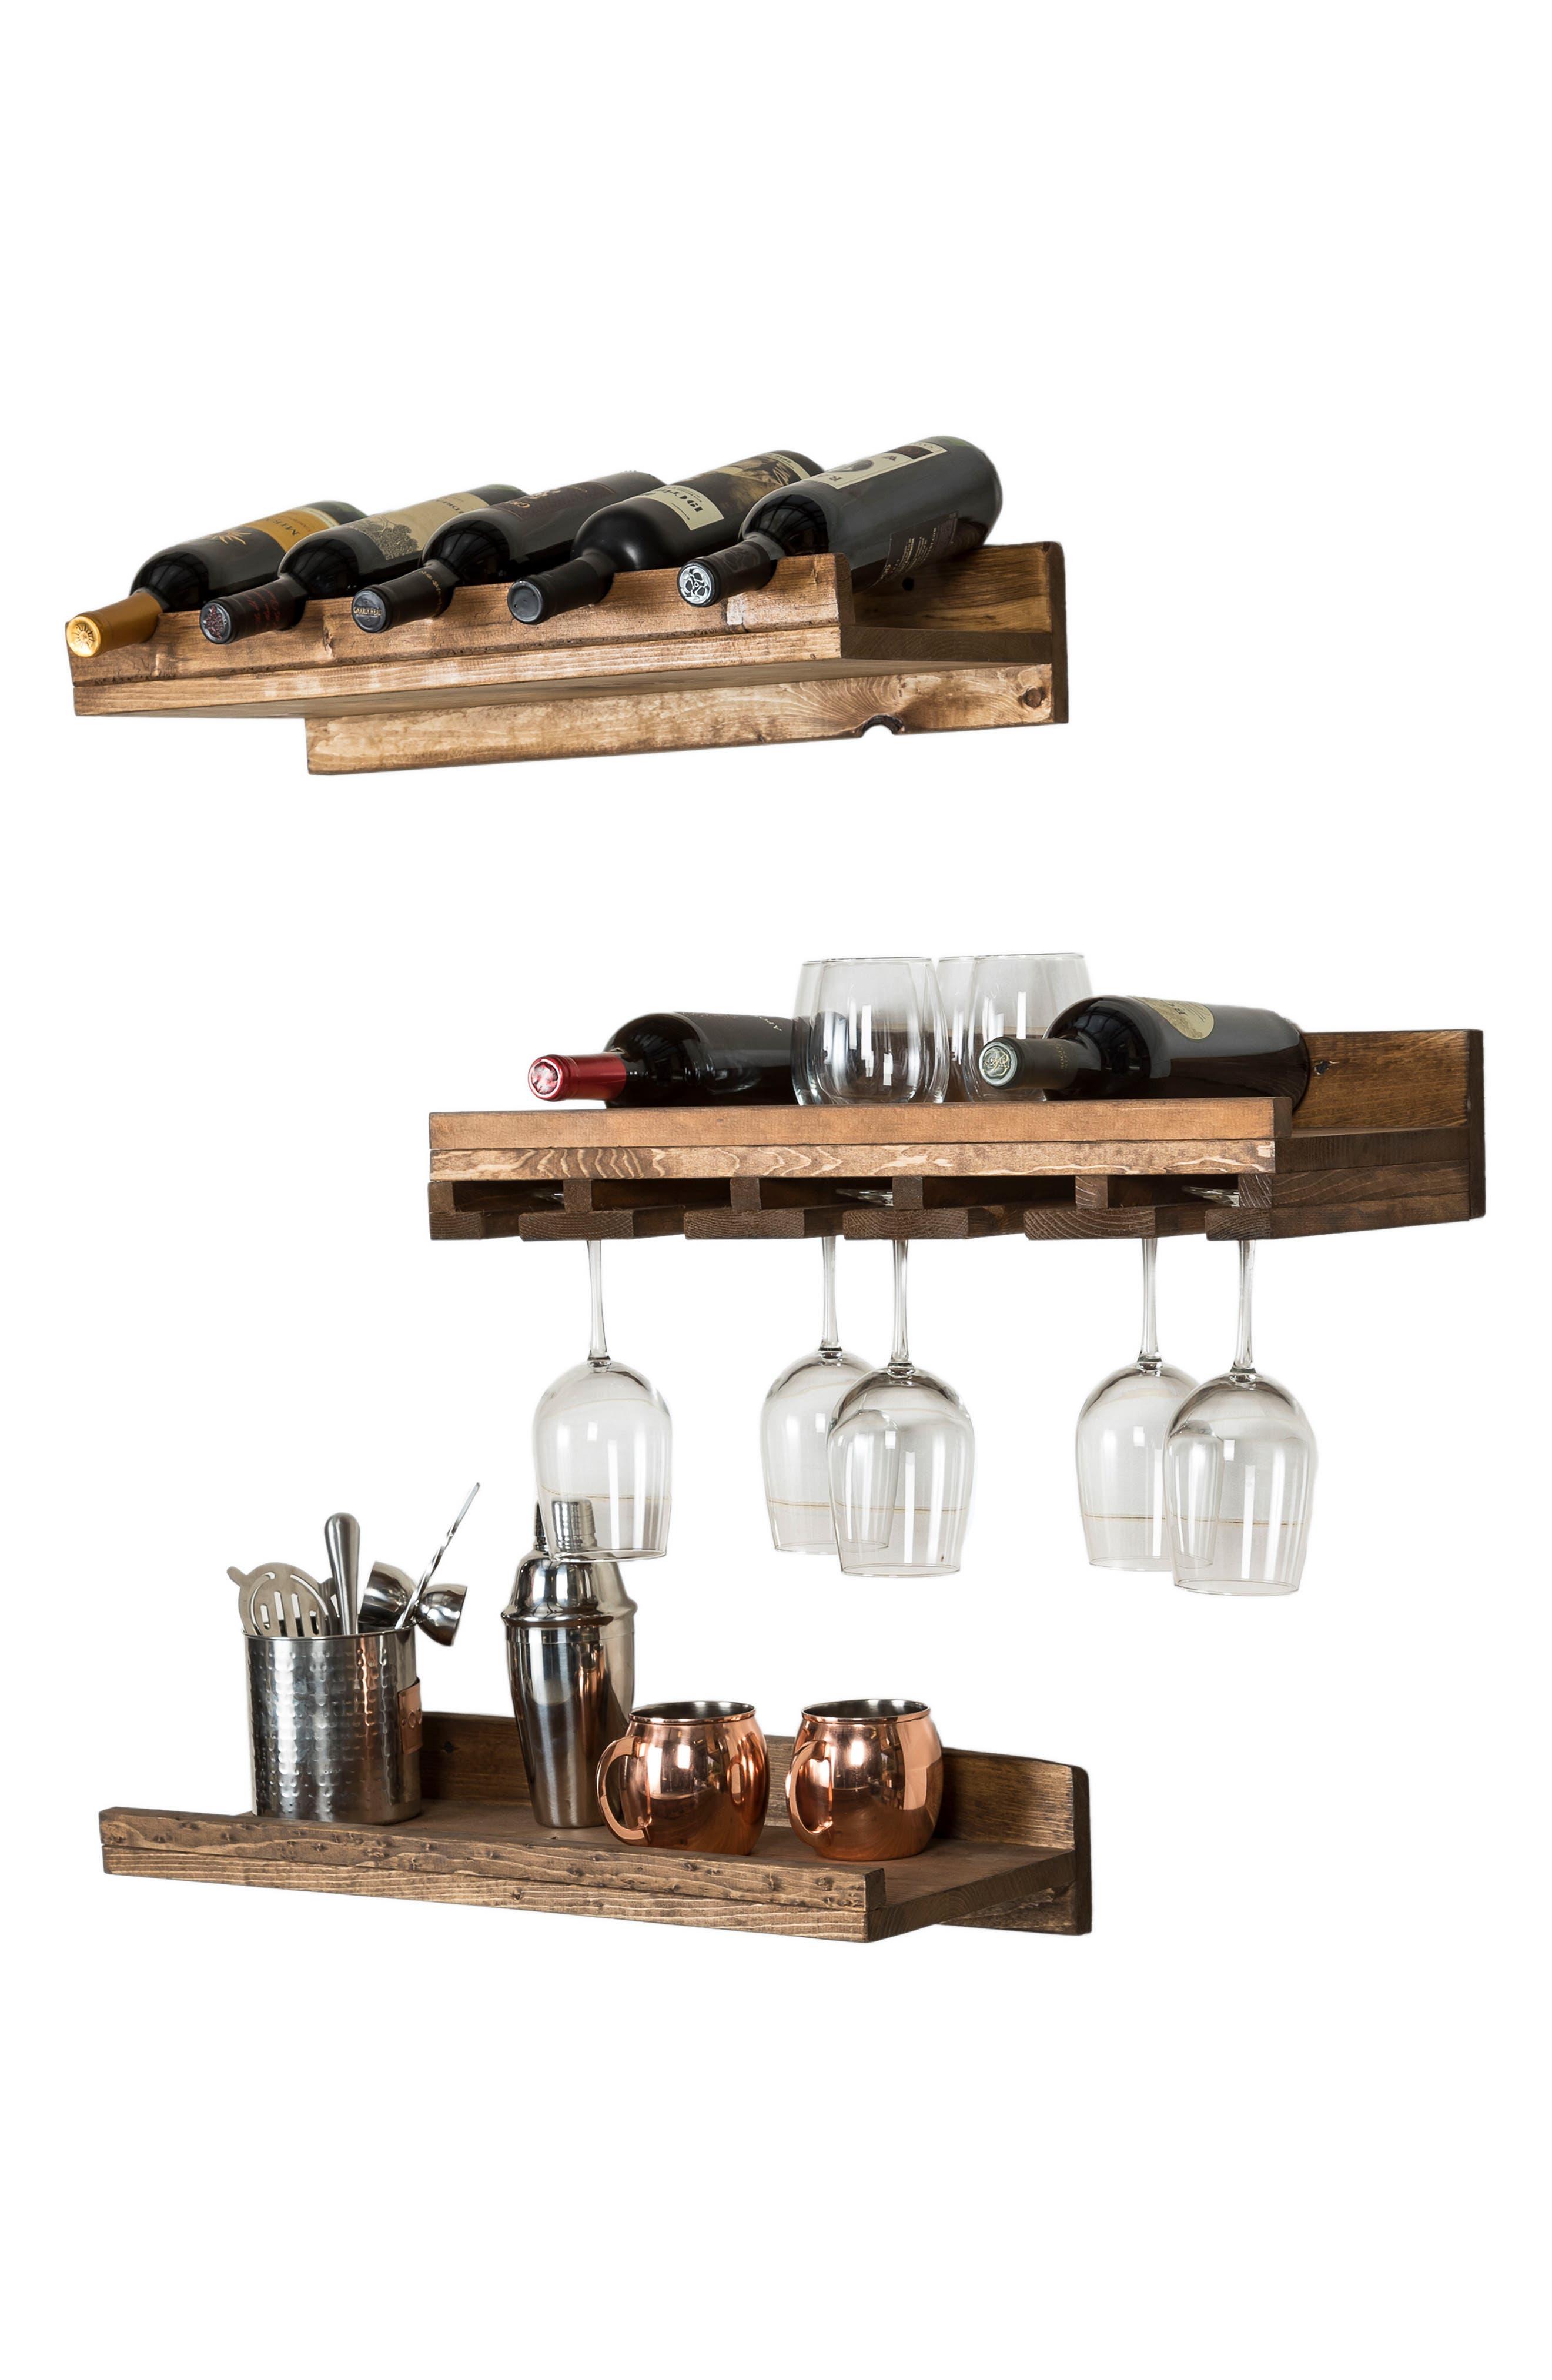 Set of 3 Pine Wood Wine Racks,                             Alternate thumbnail 10, color,                             Dark Walnut